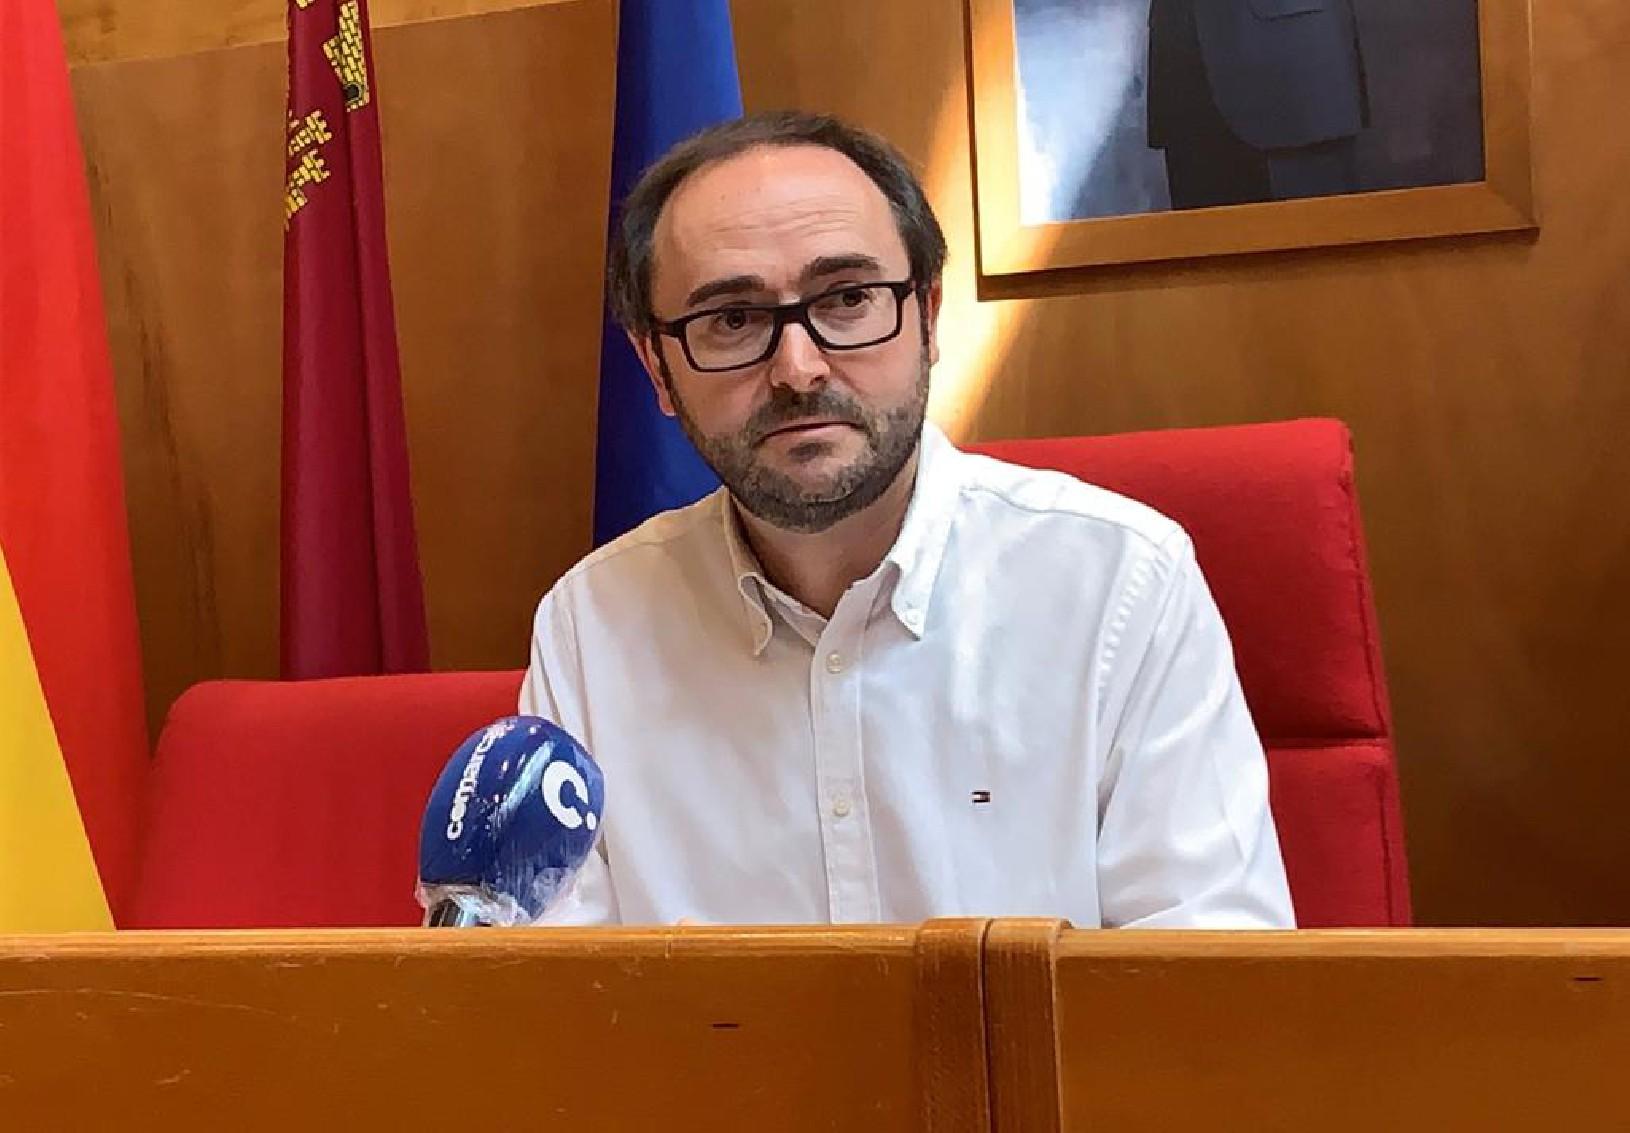 La deuda municipal disminuye en 3,72 millones de euros durante el segundo semestre del año